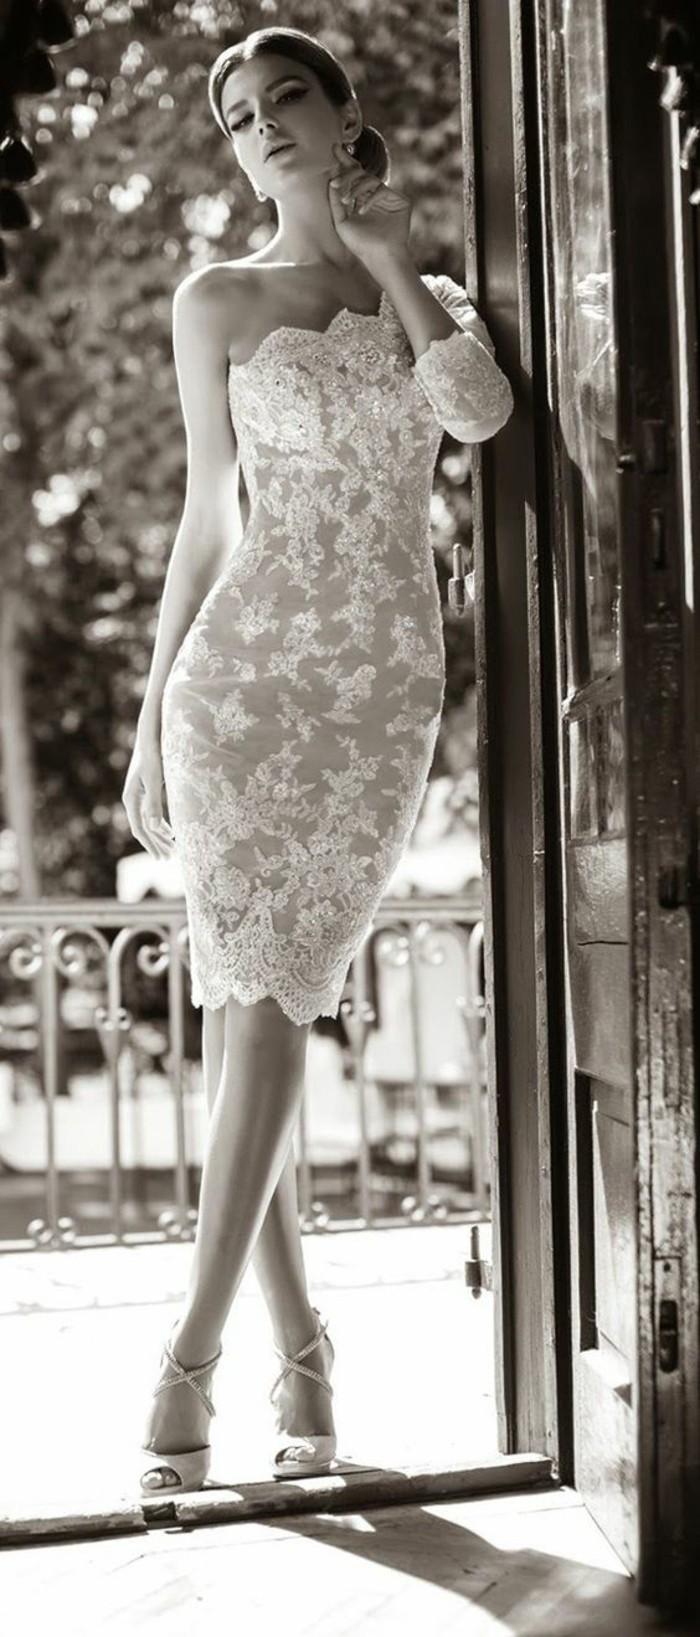 photographie-robe-de-mariee-simple-et-courte-boheme-chic-belle-femme